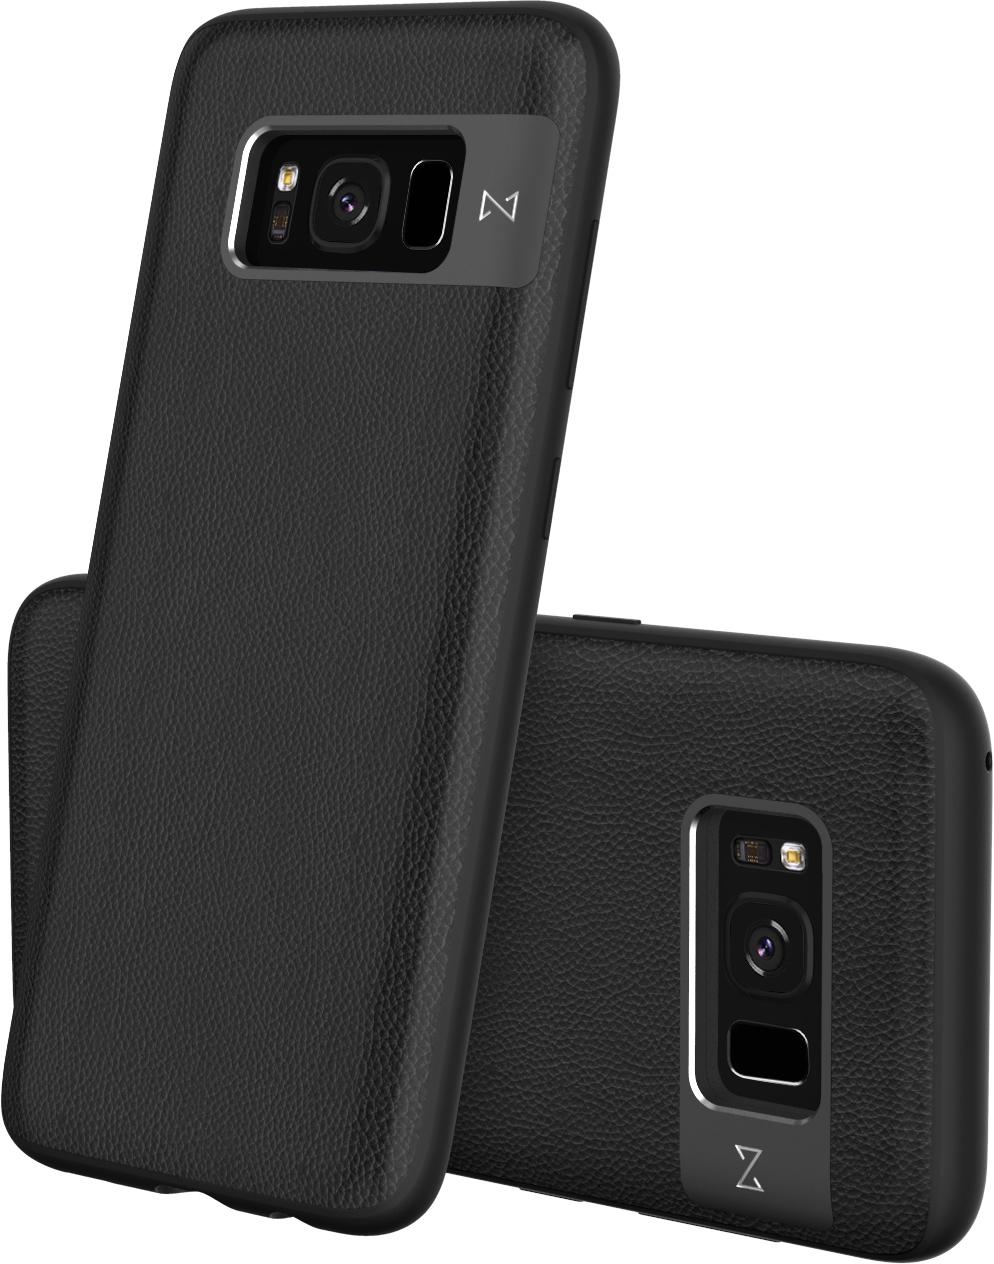 Matchnine Tailor чехол для Samsung Galaxy S8, BlackENV018Чехол Matchnine Tailor - стильный аксессуар, обеспечивающий надежную защиту Samsung Galaxy S8 от ударов и других воздействий. Его задняя панель изготовлена из жесткого поликарбоната, стилизованного под кожу, а бампер - из эластичного полиуретана. Кроме того, он украшен металлической накладкой, обрамляющей камеру.Мягкая рамка позволяет быстро надевать клип-кейс. Она слегка выступает над экраном, защищая его от контактов с твердыми поверхностями.Несмотря на отличные защитные свойства, чехол практически не увеличивает размеры устройства. С ним мобильный девайс можно носить в кармане или в специальном отделении сумки. Вырезы в клип-кейсе предоставляют доступ к важнейшим деталям смартфона, включая камеры, кнопки и разъемы.